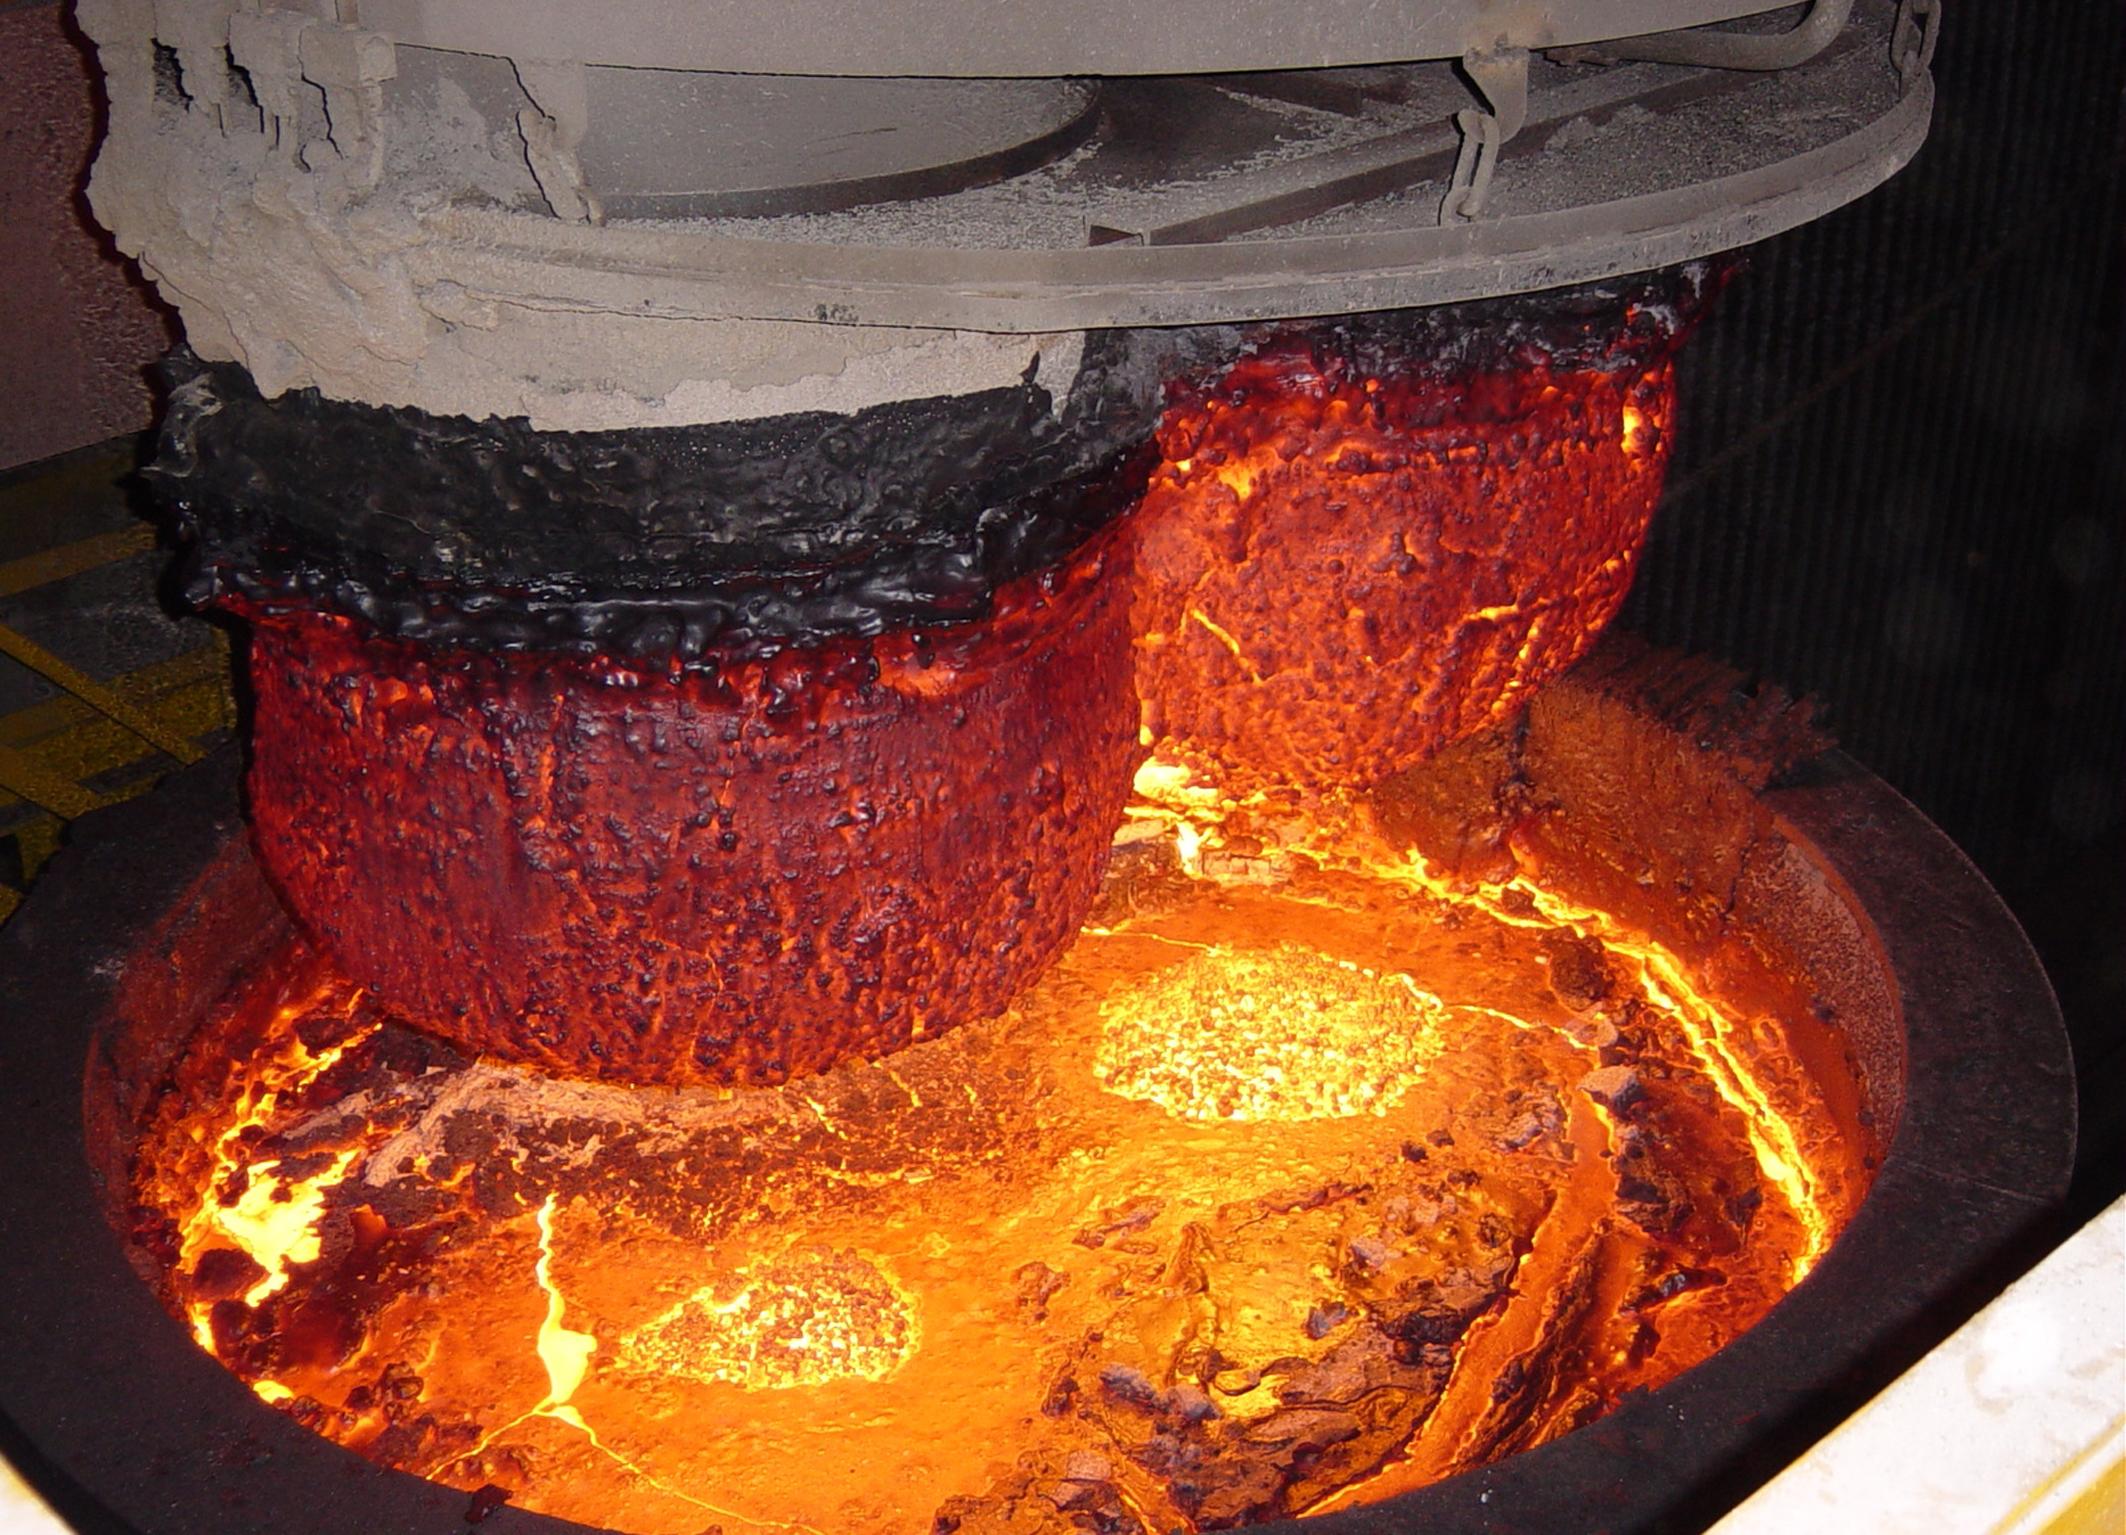 CR4 - Blog Entry: 6 Reasons Steel is Vacuum Treated